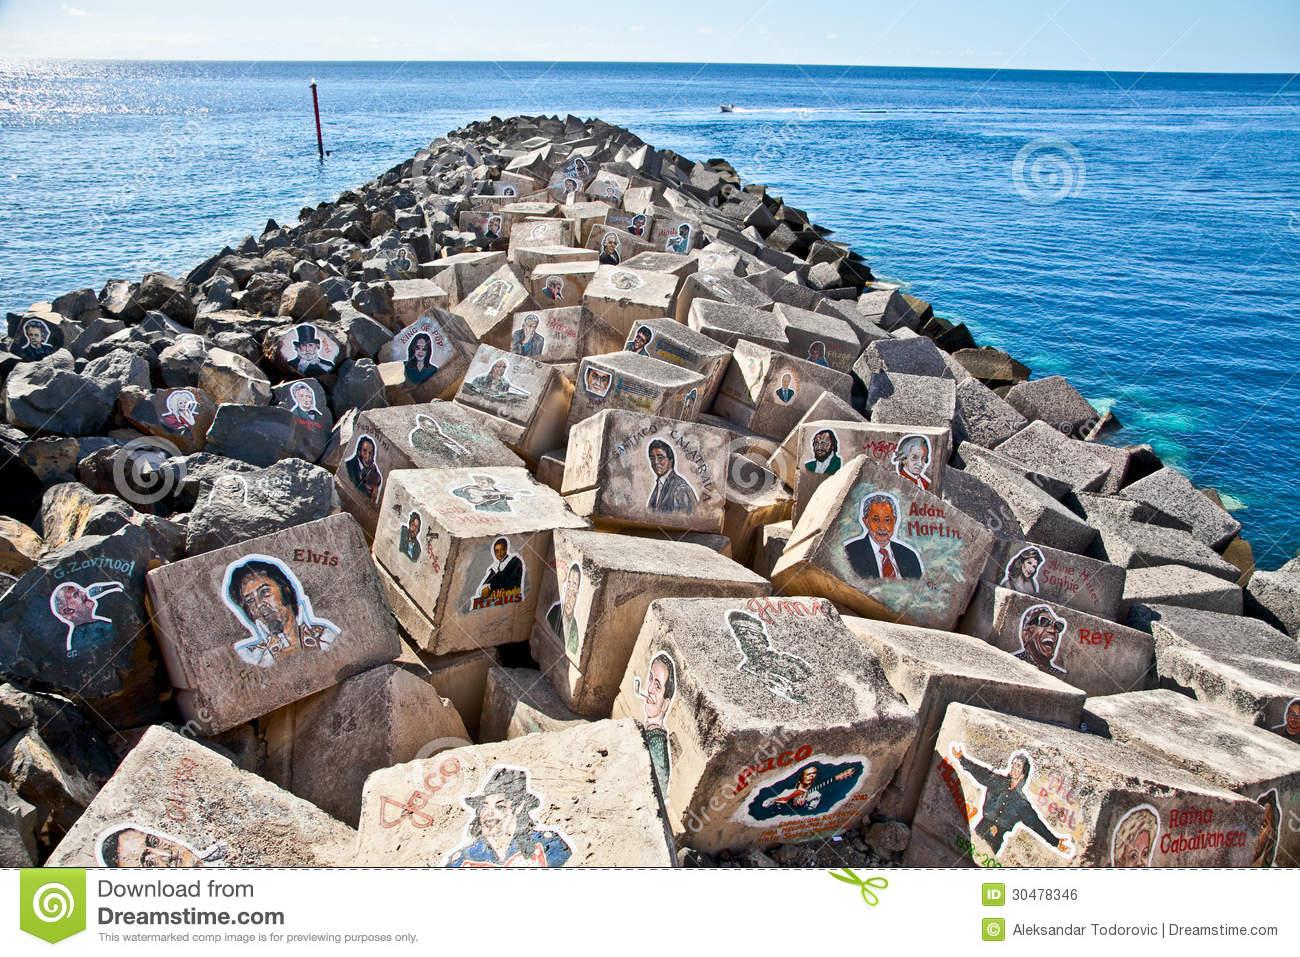 Graffiti On A Stones Of A Breakwater In Santa Cruz De Tenerife.